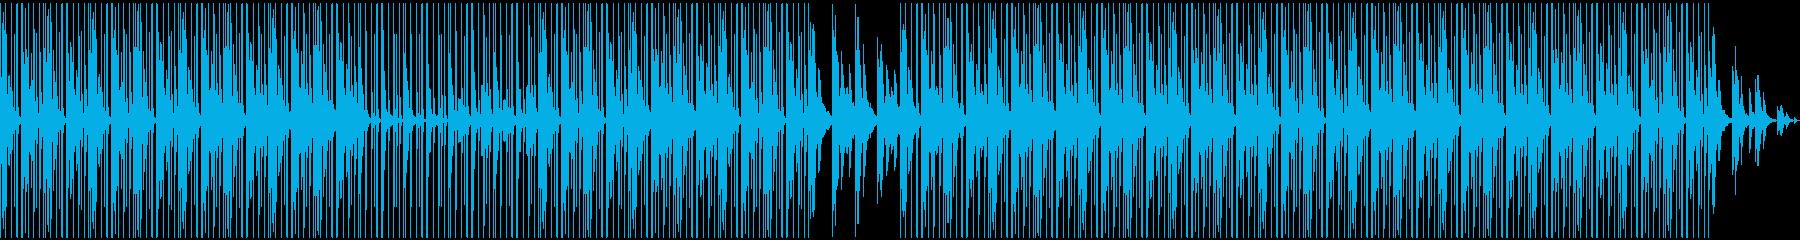 落ち着くChill系HIP-HOPの再生済みの波形